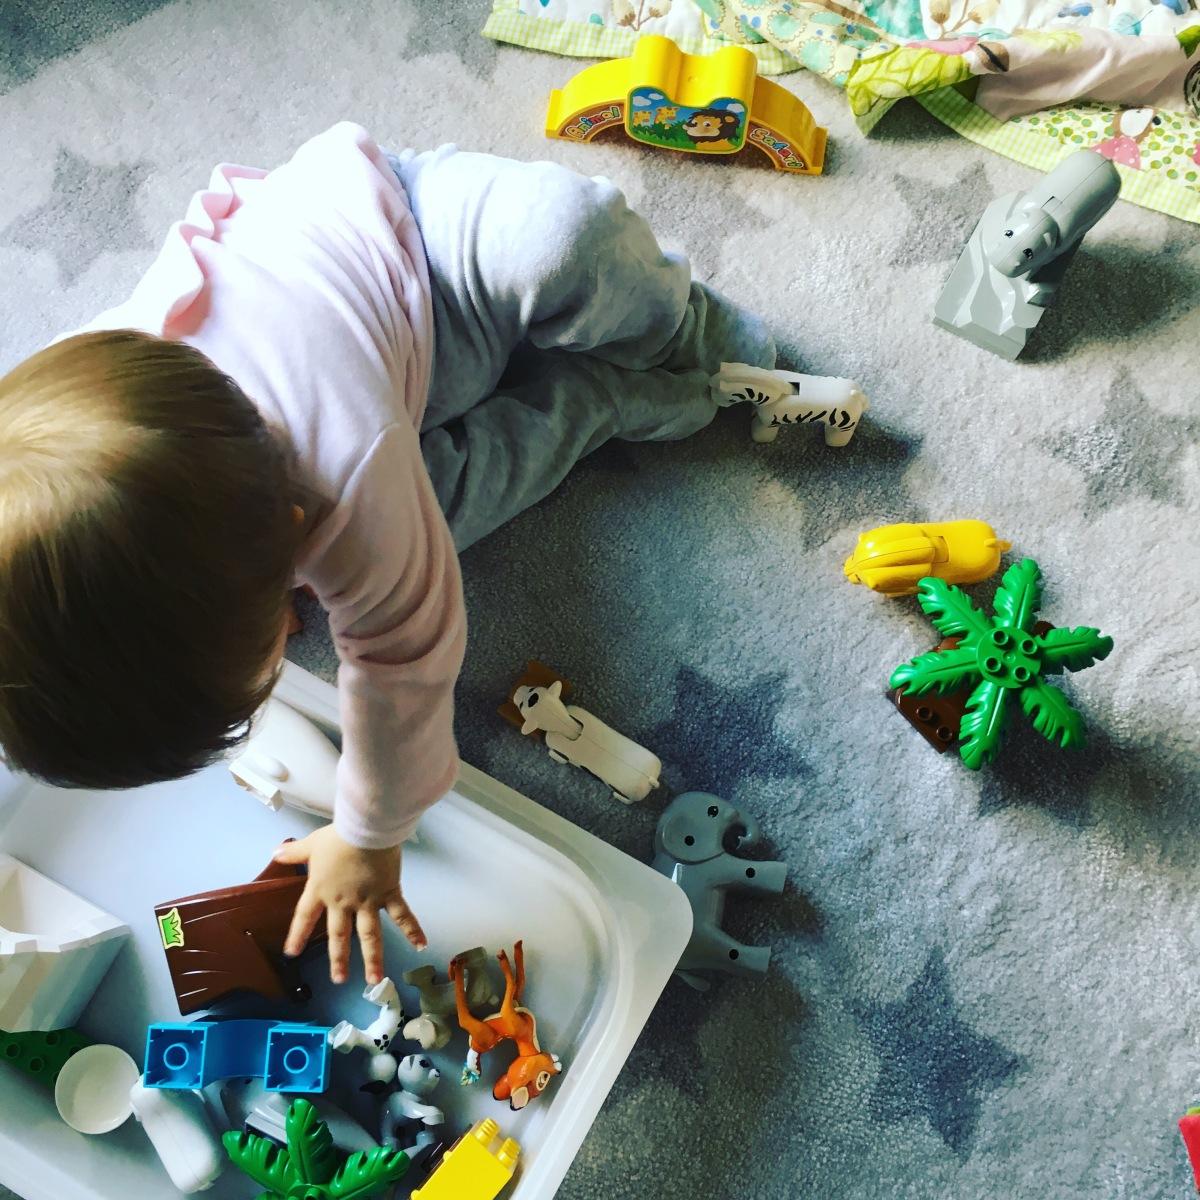 Mon bébé chez la nounou #terreurdesbacsàsable